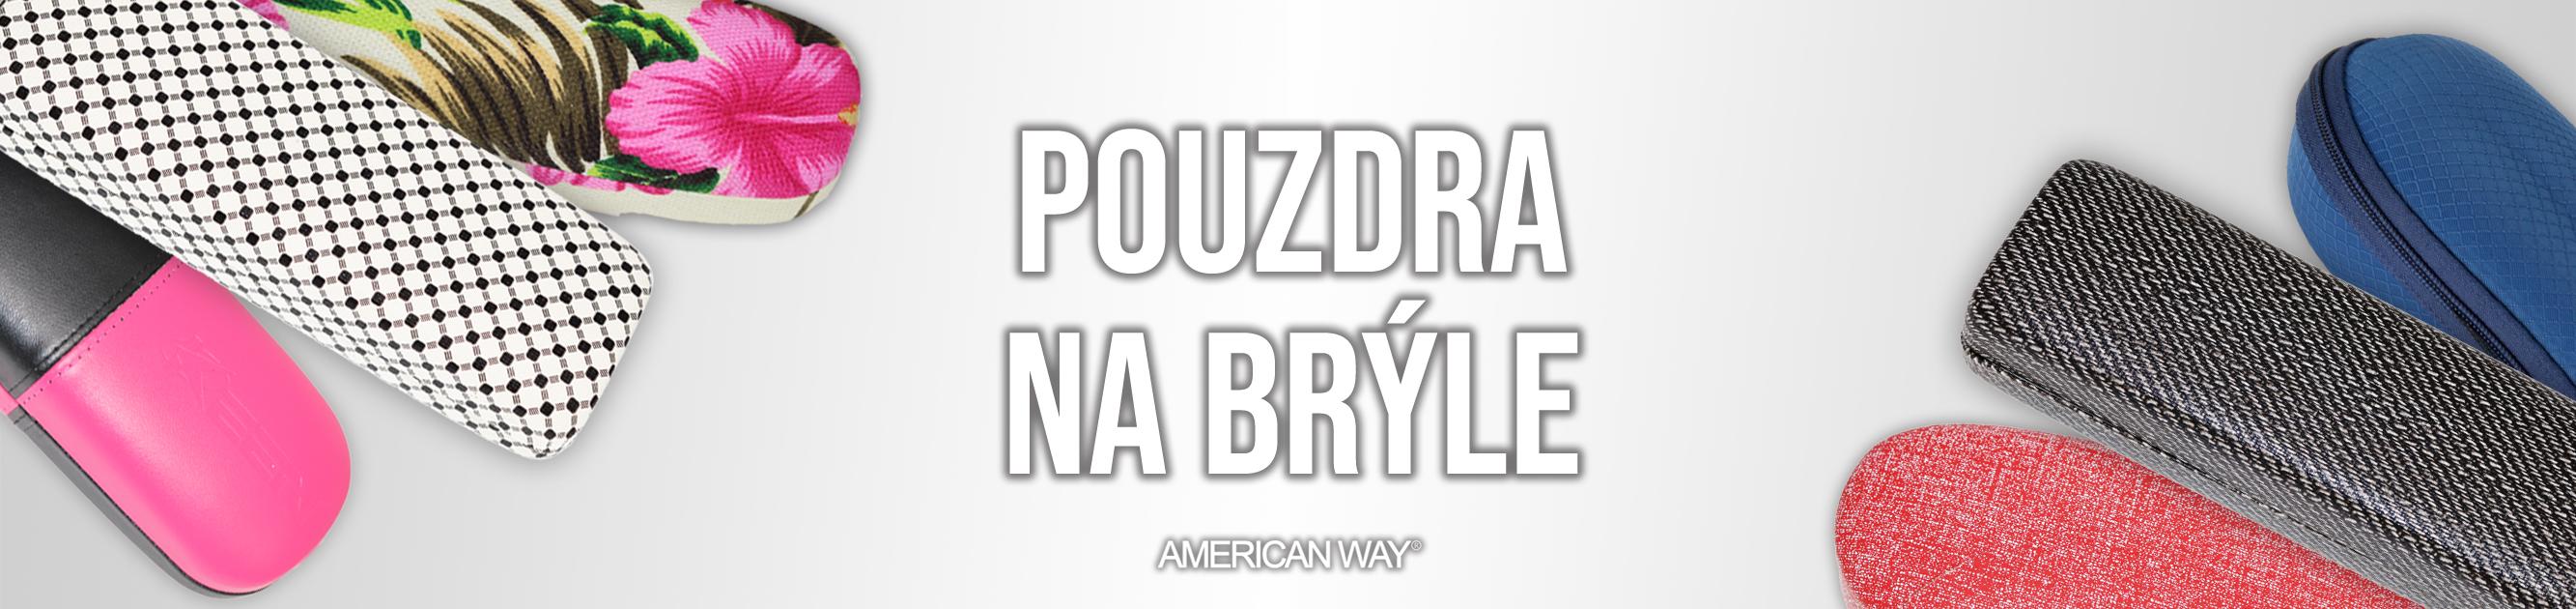 2Pouzdra_cz